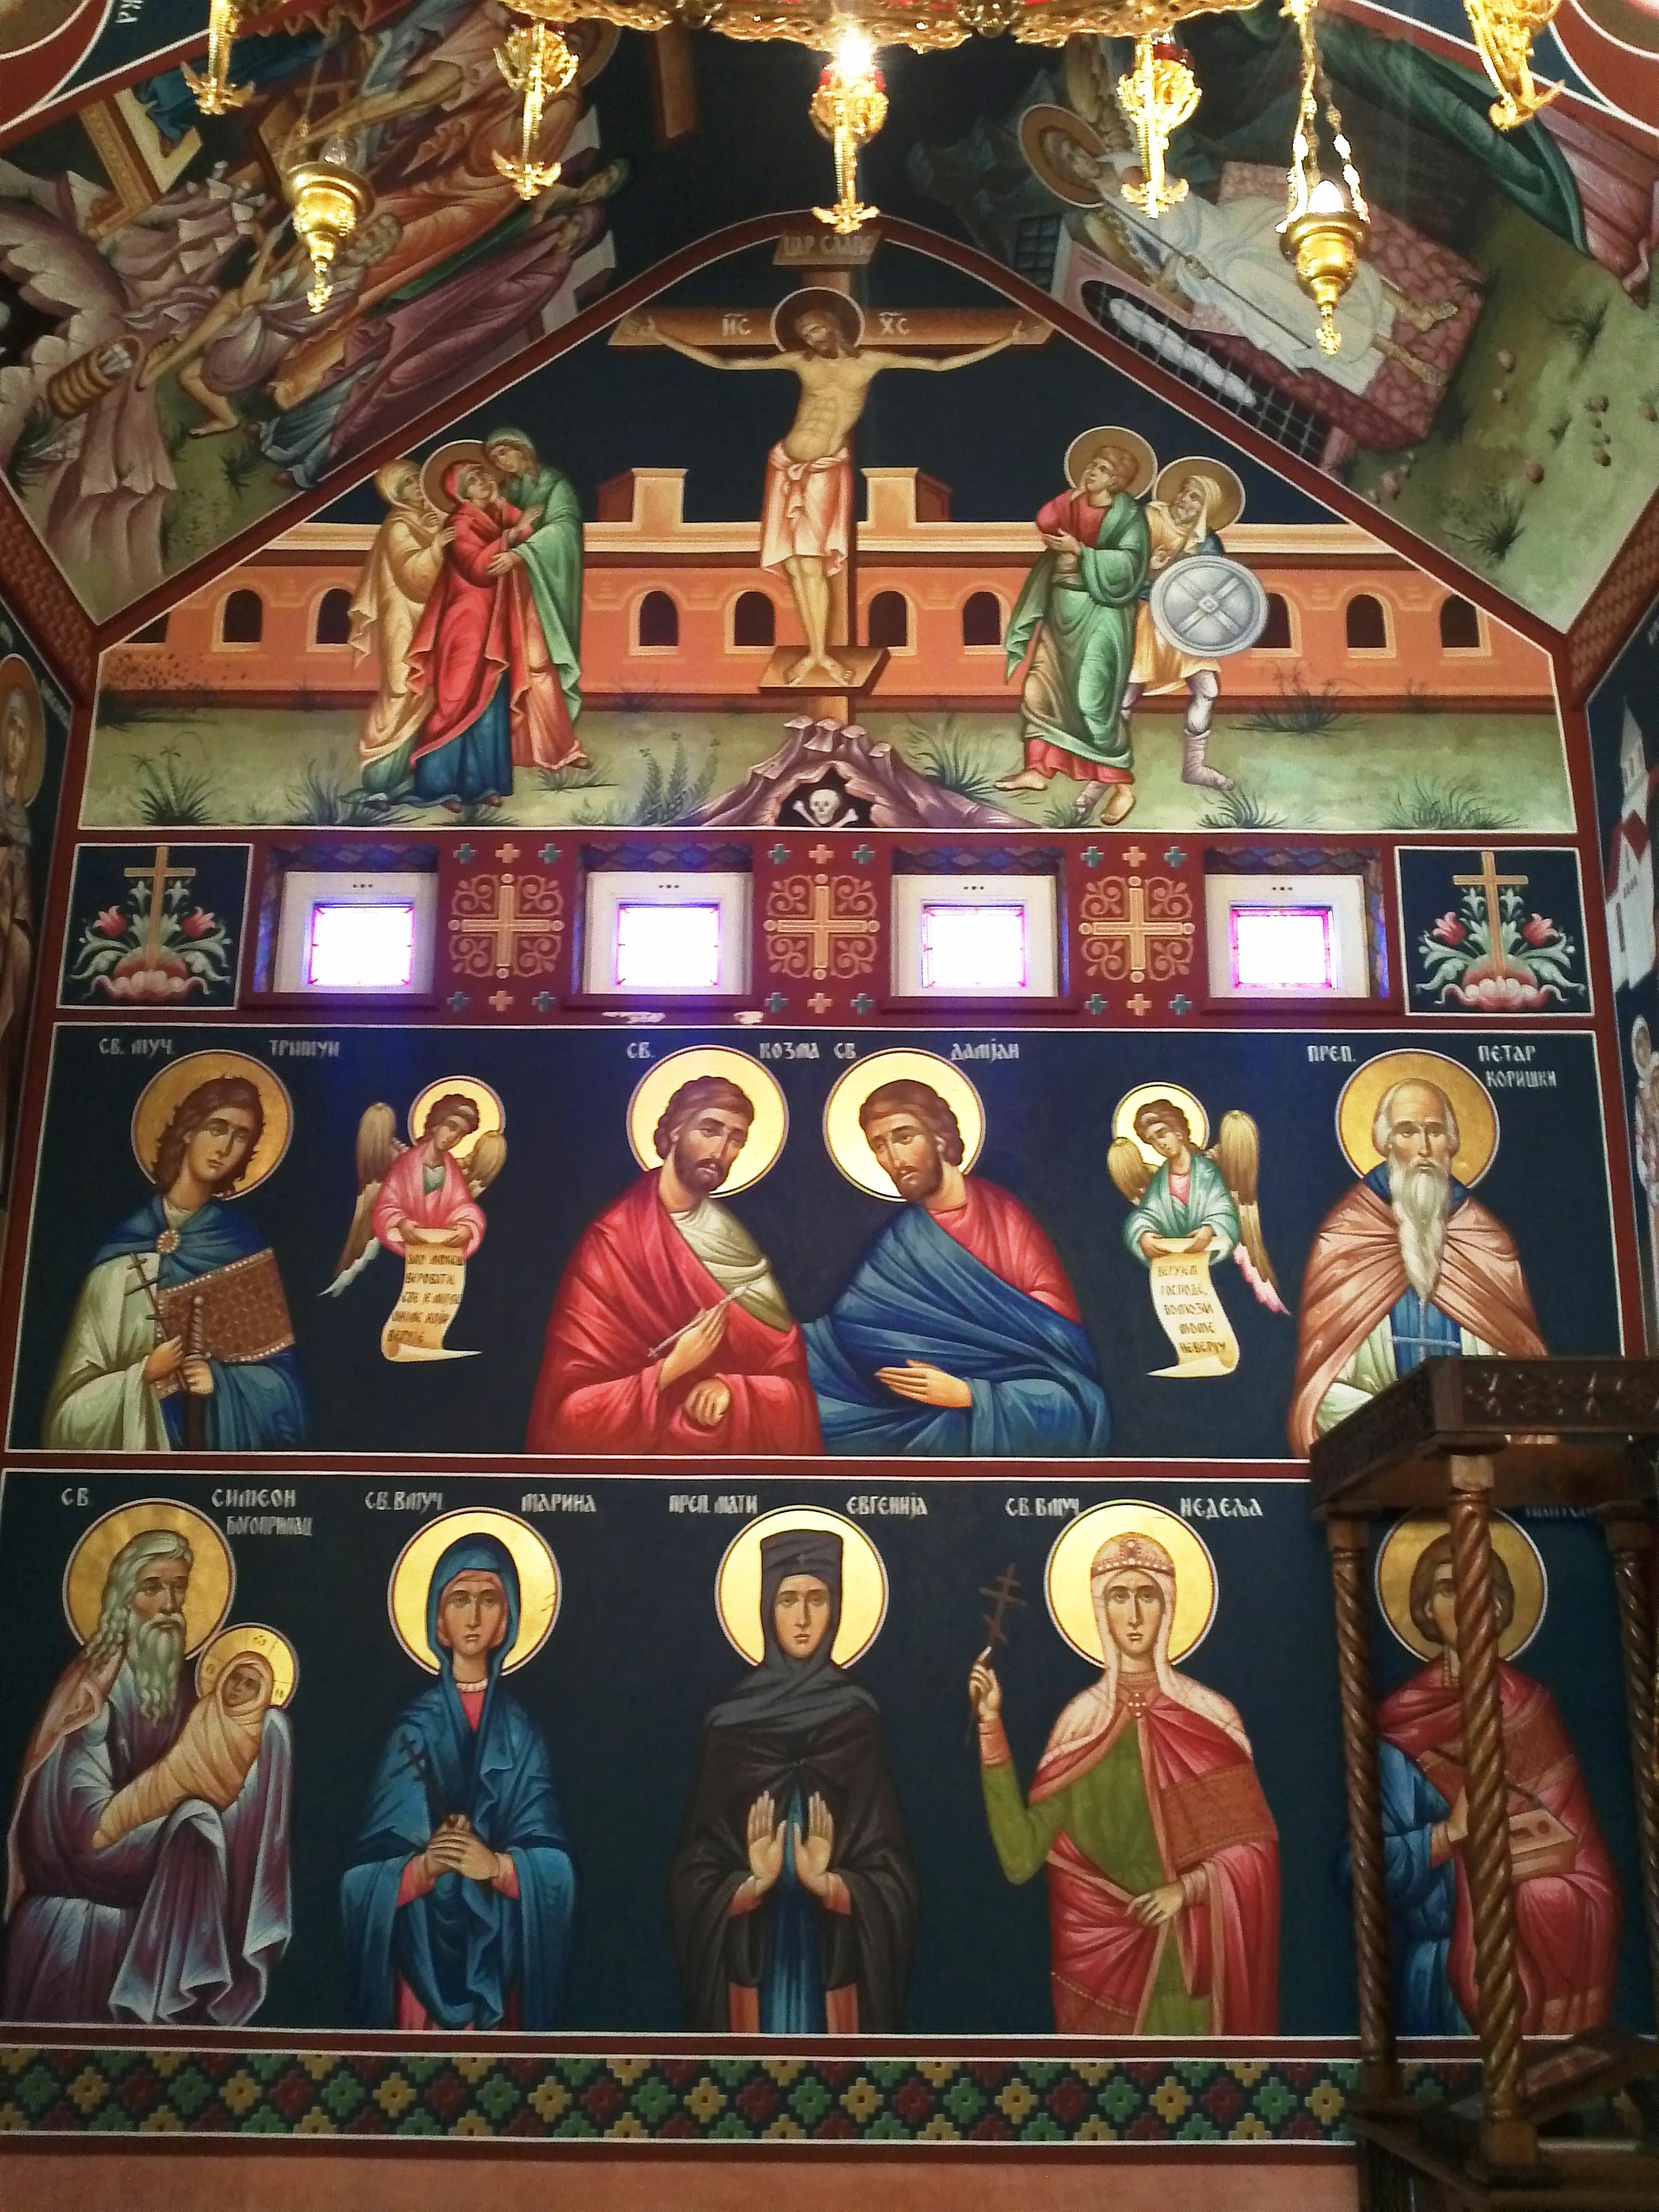 Serbisch orthodoxe kirche düsseldorf gottesdienst